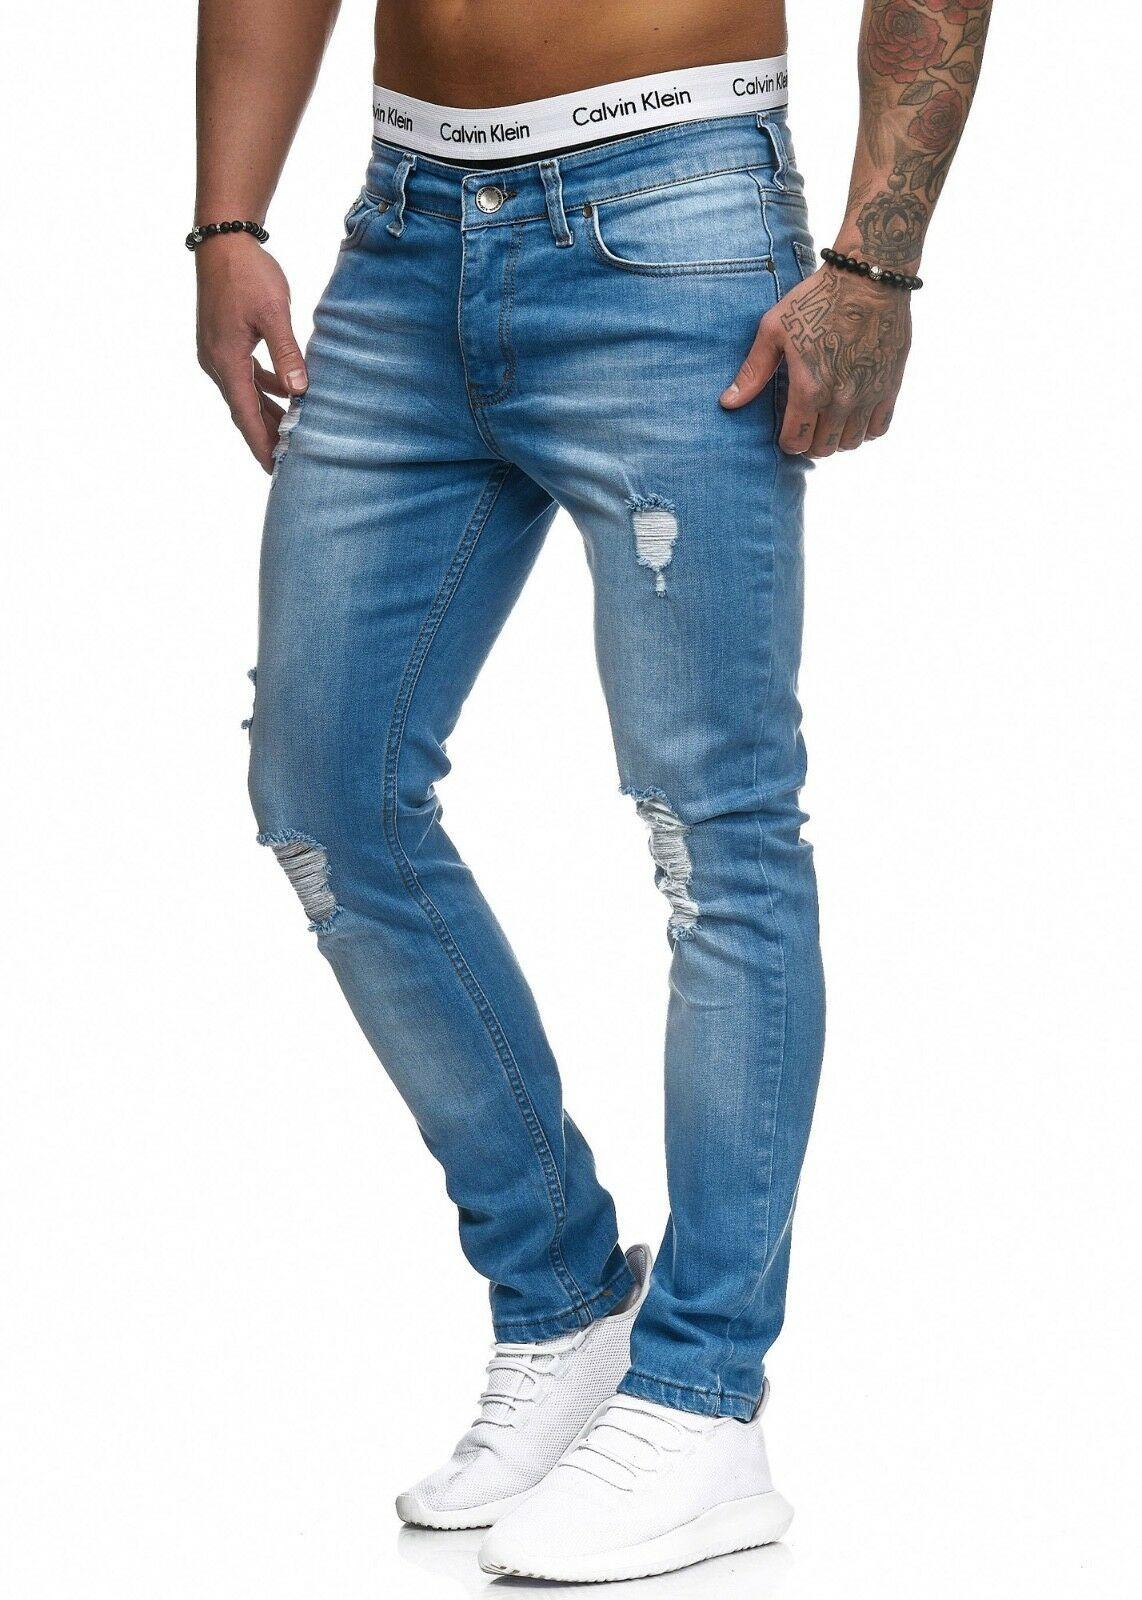 Herren-Jeanshosen-Stretch-Hose-Slim-fit-SKINNY-Jeans-Blau-Schwarz-Grau-Weiss Indexbild 25